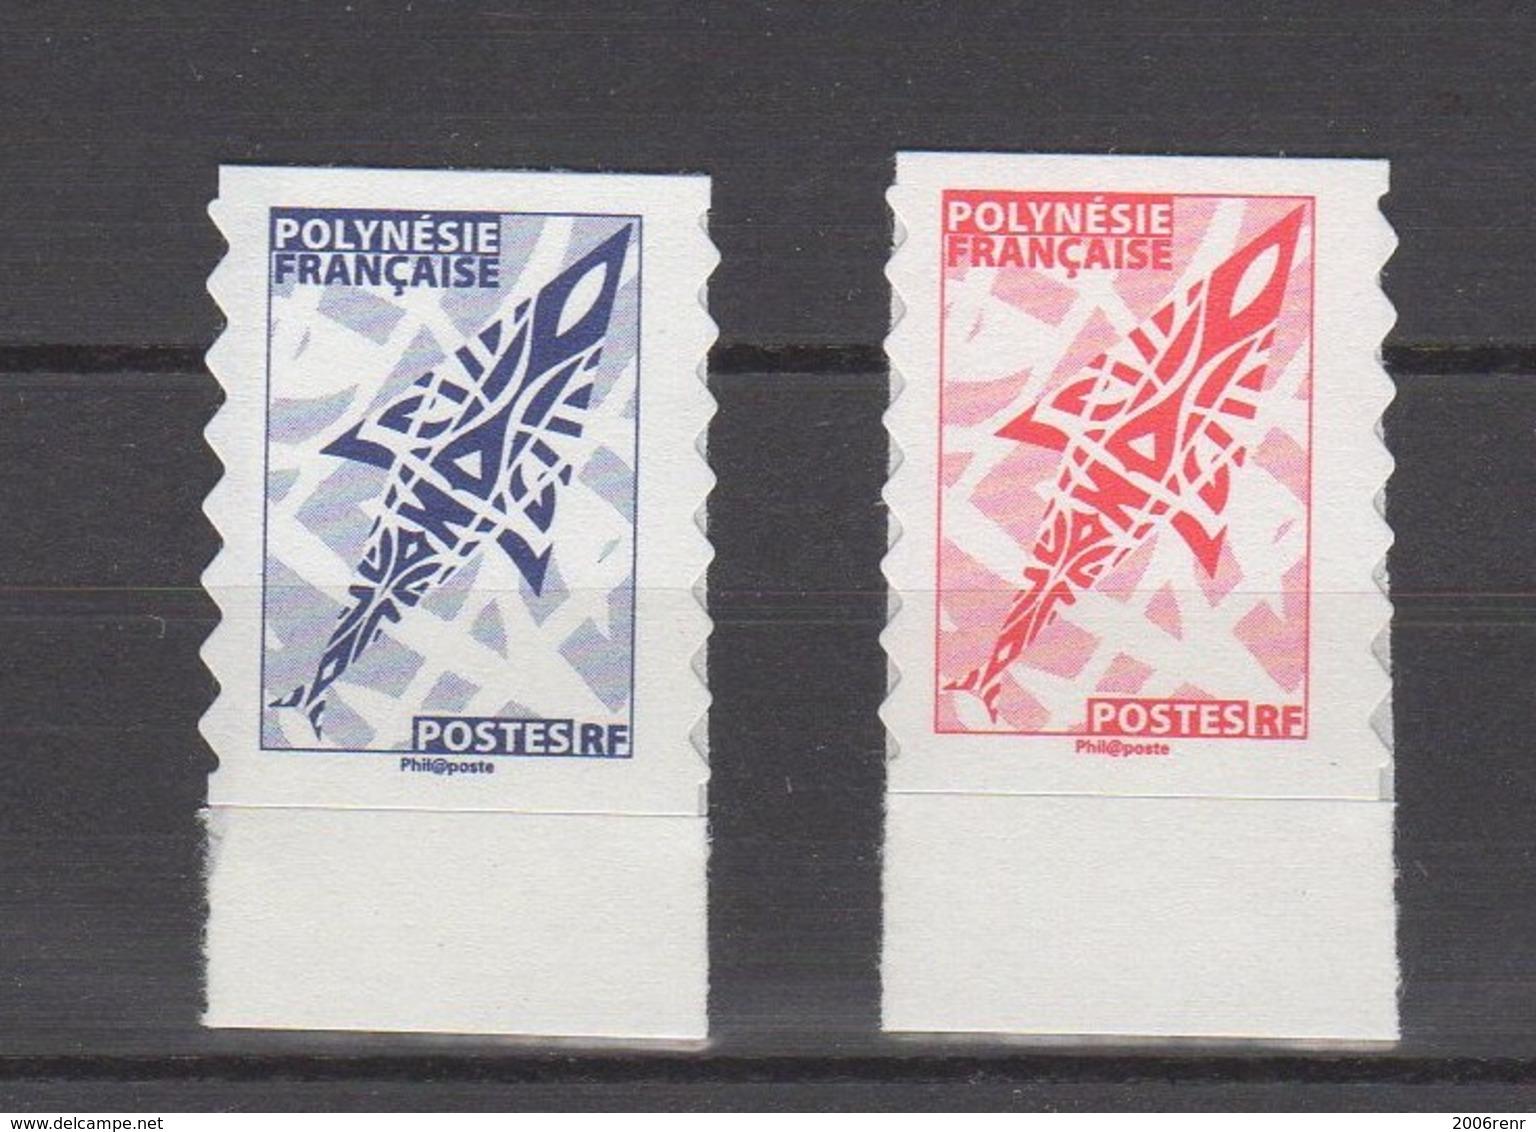 Polynésie. 2 TP AUTOCOLLANTS. PROVENANT DE CARNETS. ROUGE, BLEU VOIR DESCRIPTION. - Markenheftchen